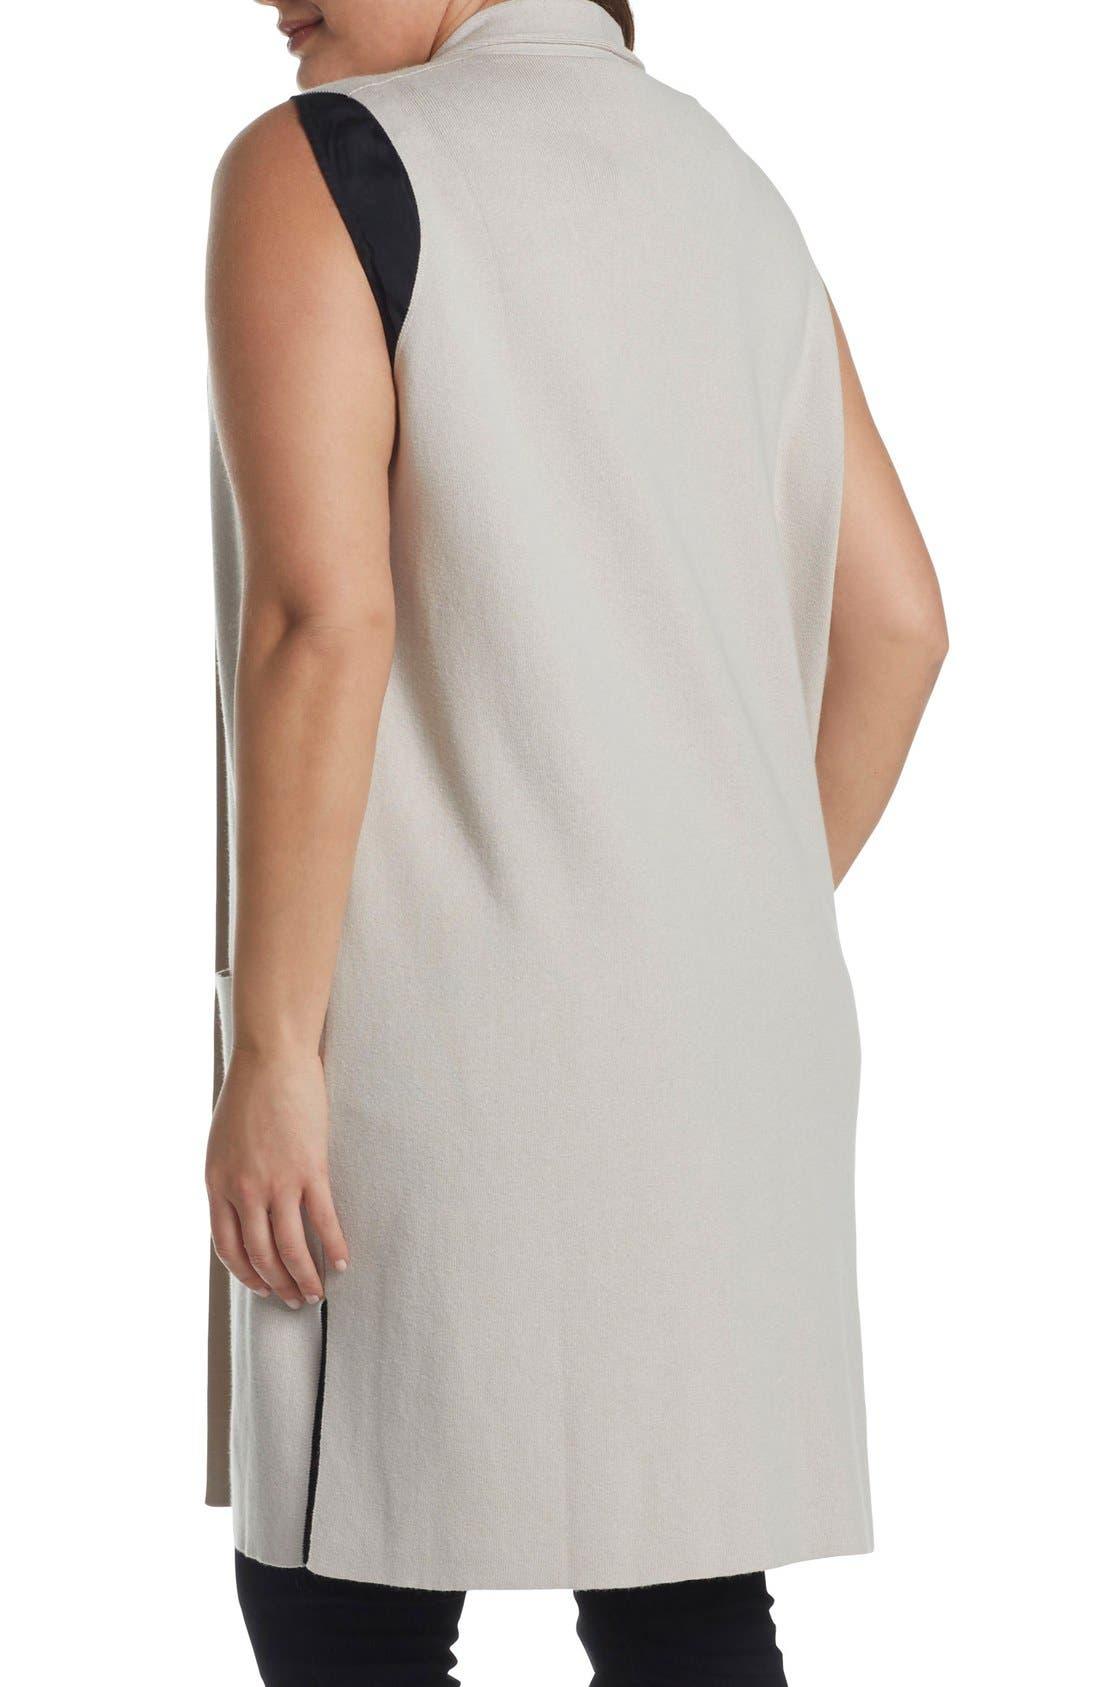 Alternate Image 2  - Tart Melva Cotton & Cashmere Open Front Sweater Vest (Plus Size)